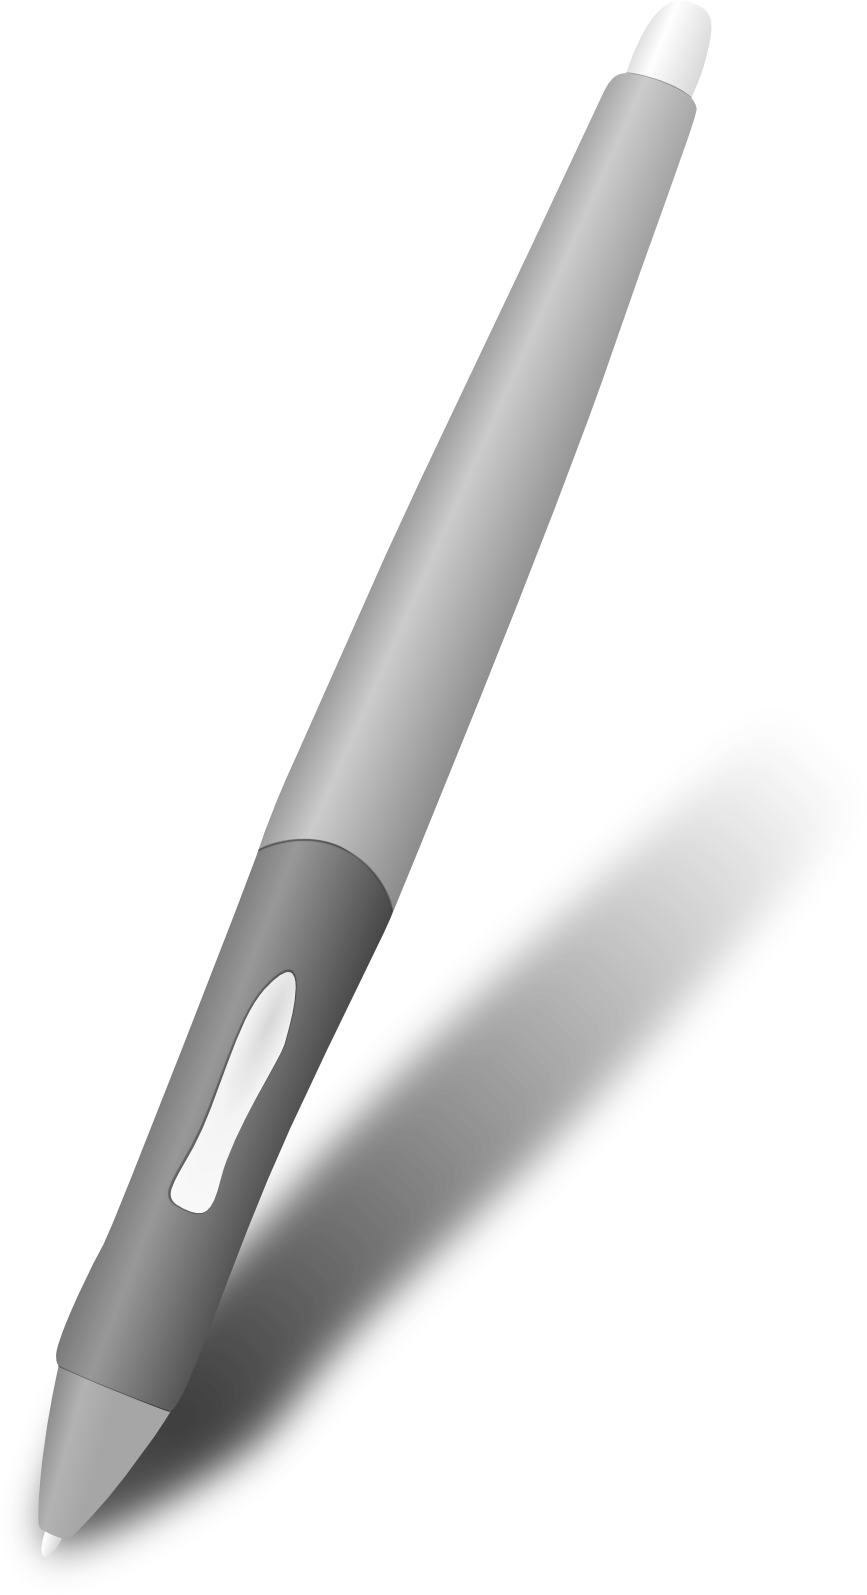 A Wacom pen by usedHONDA A Wacom pen by usedHONDA - Wacom Pen PNG